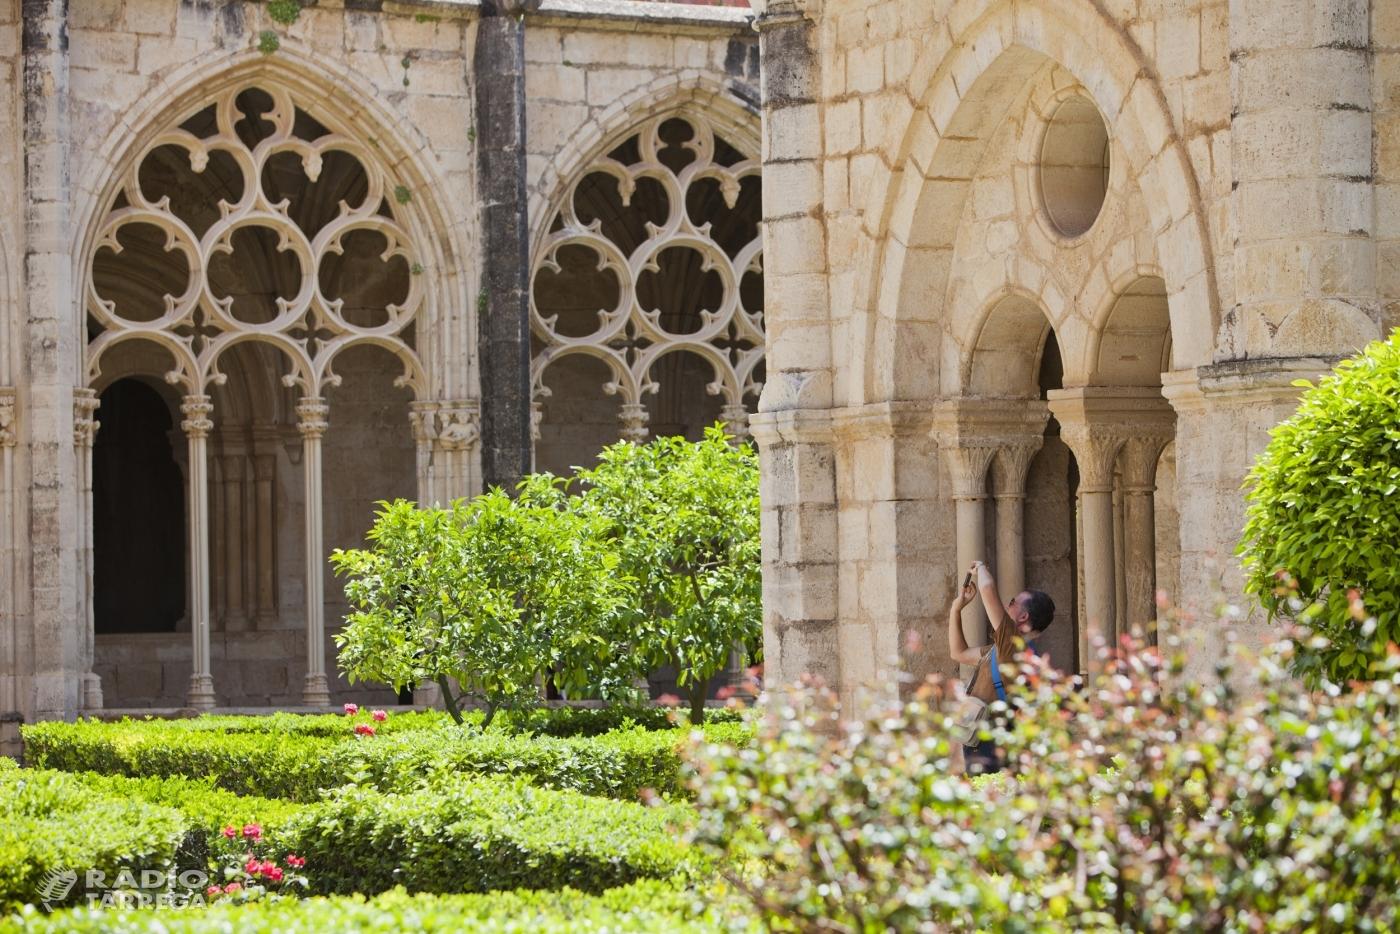 Balanç anual 2019 de la Ruta del Císter a l'Urgell